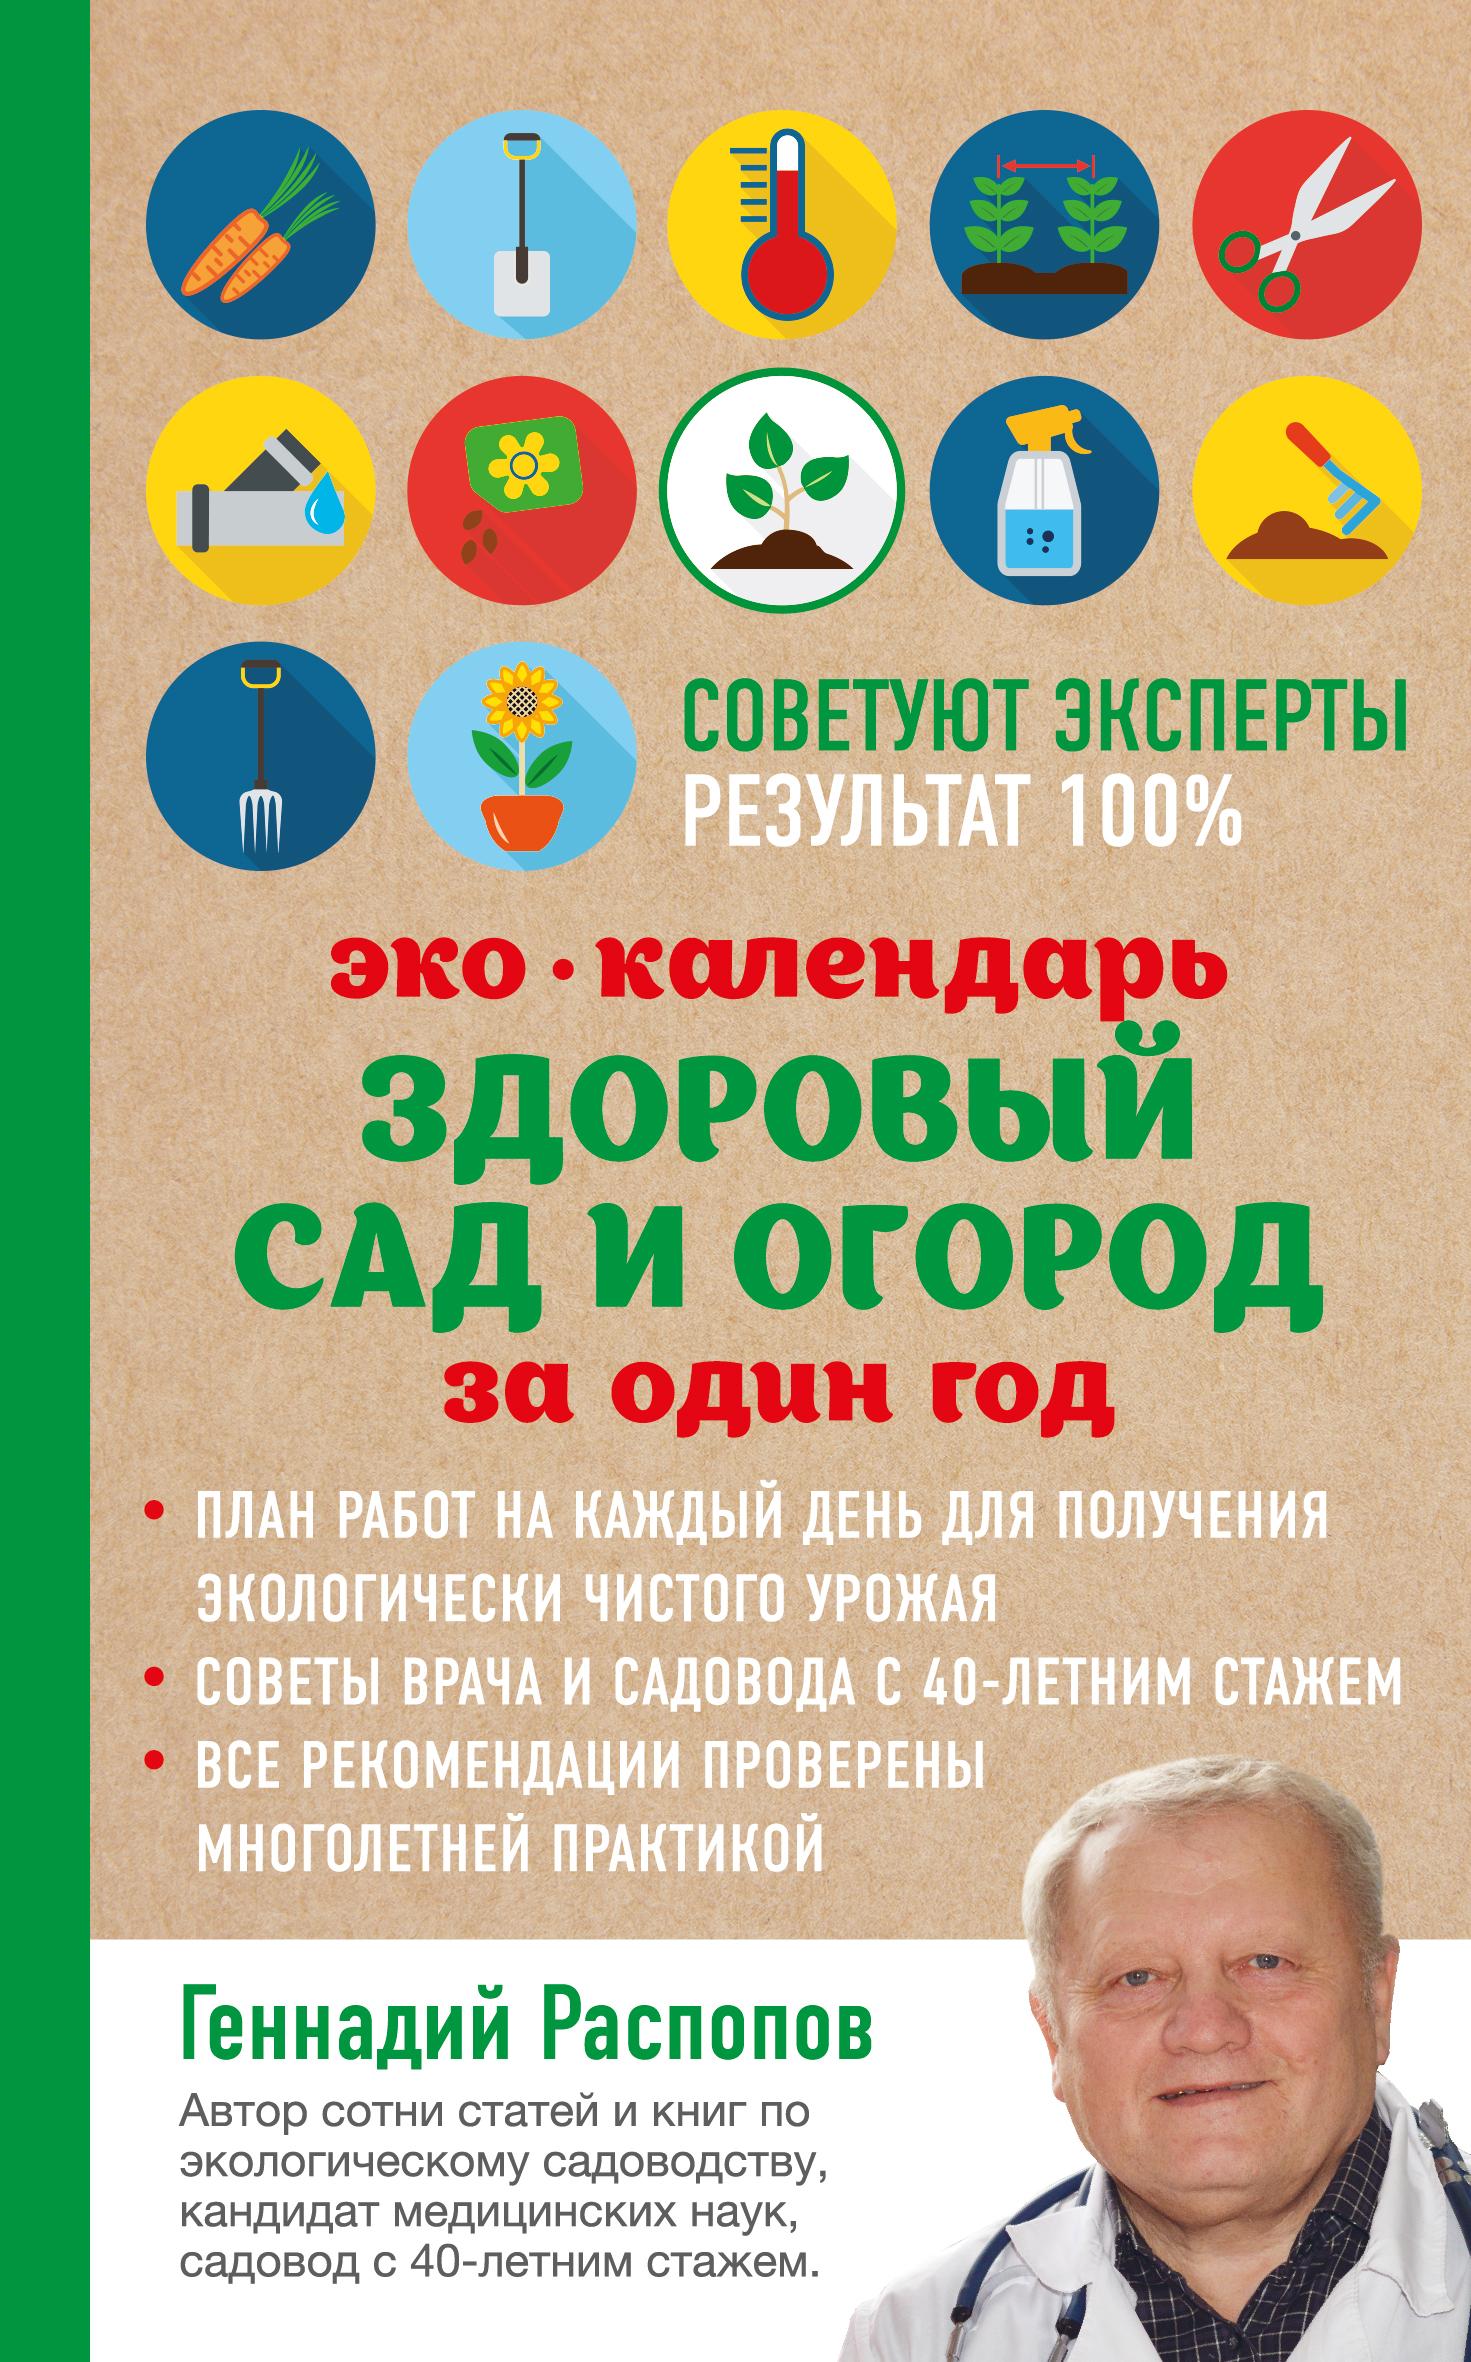 Геннадий Распопов Эко-календарь. Здоровый сад и огород за один год ISBN: 978-5-699-93535-2